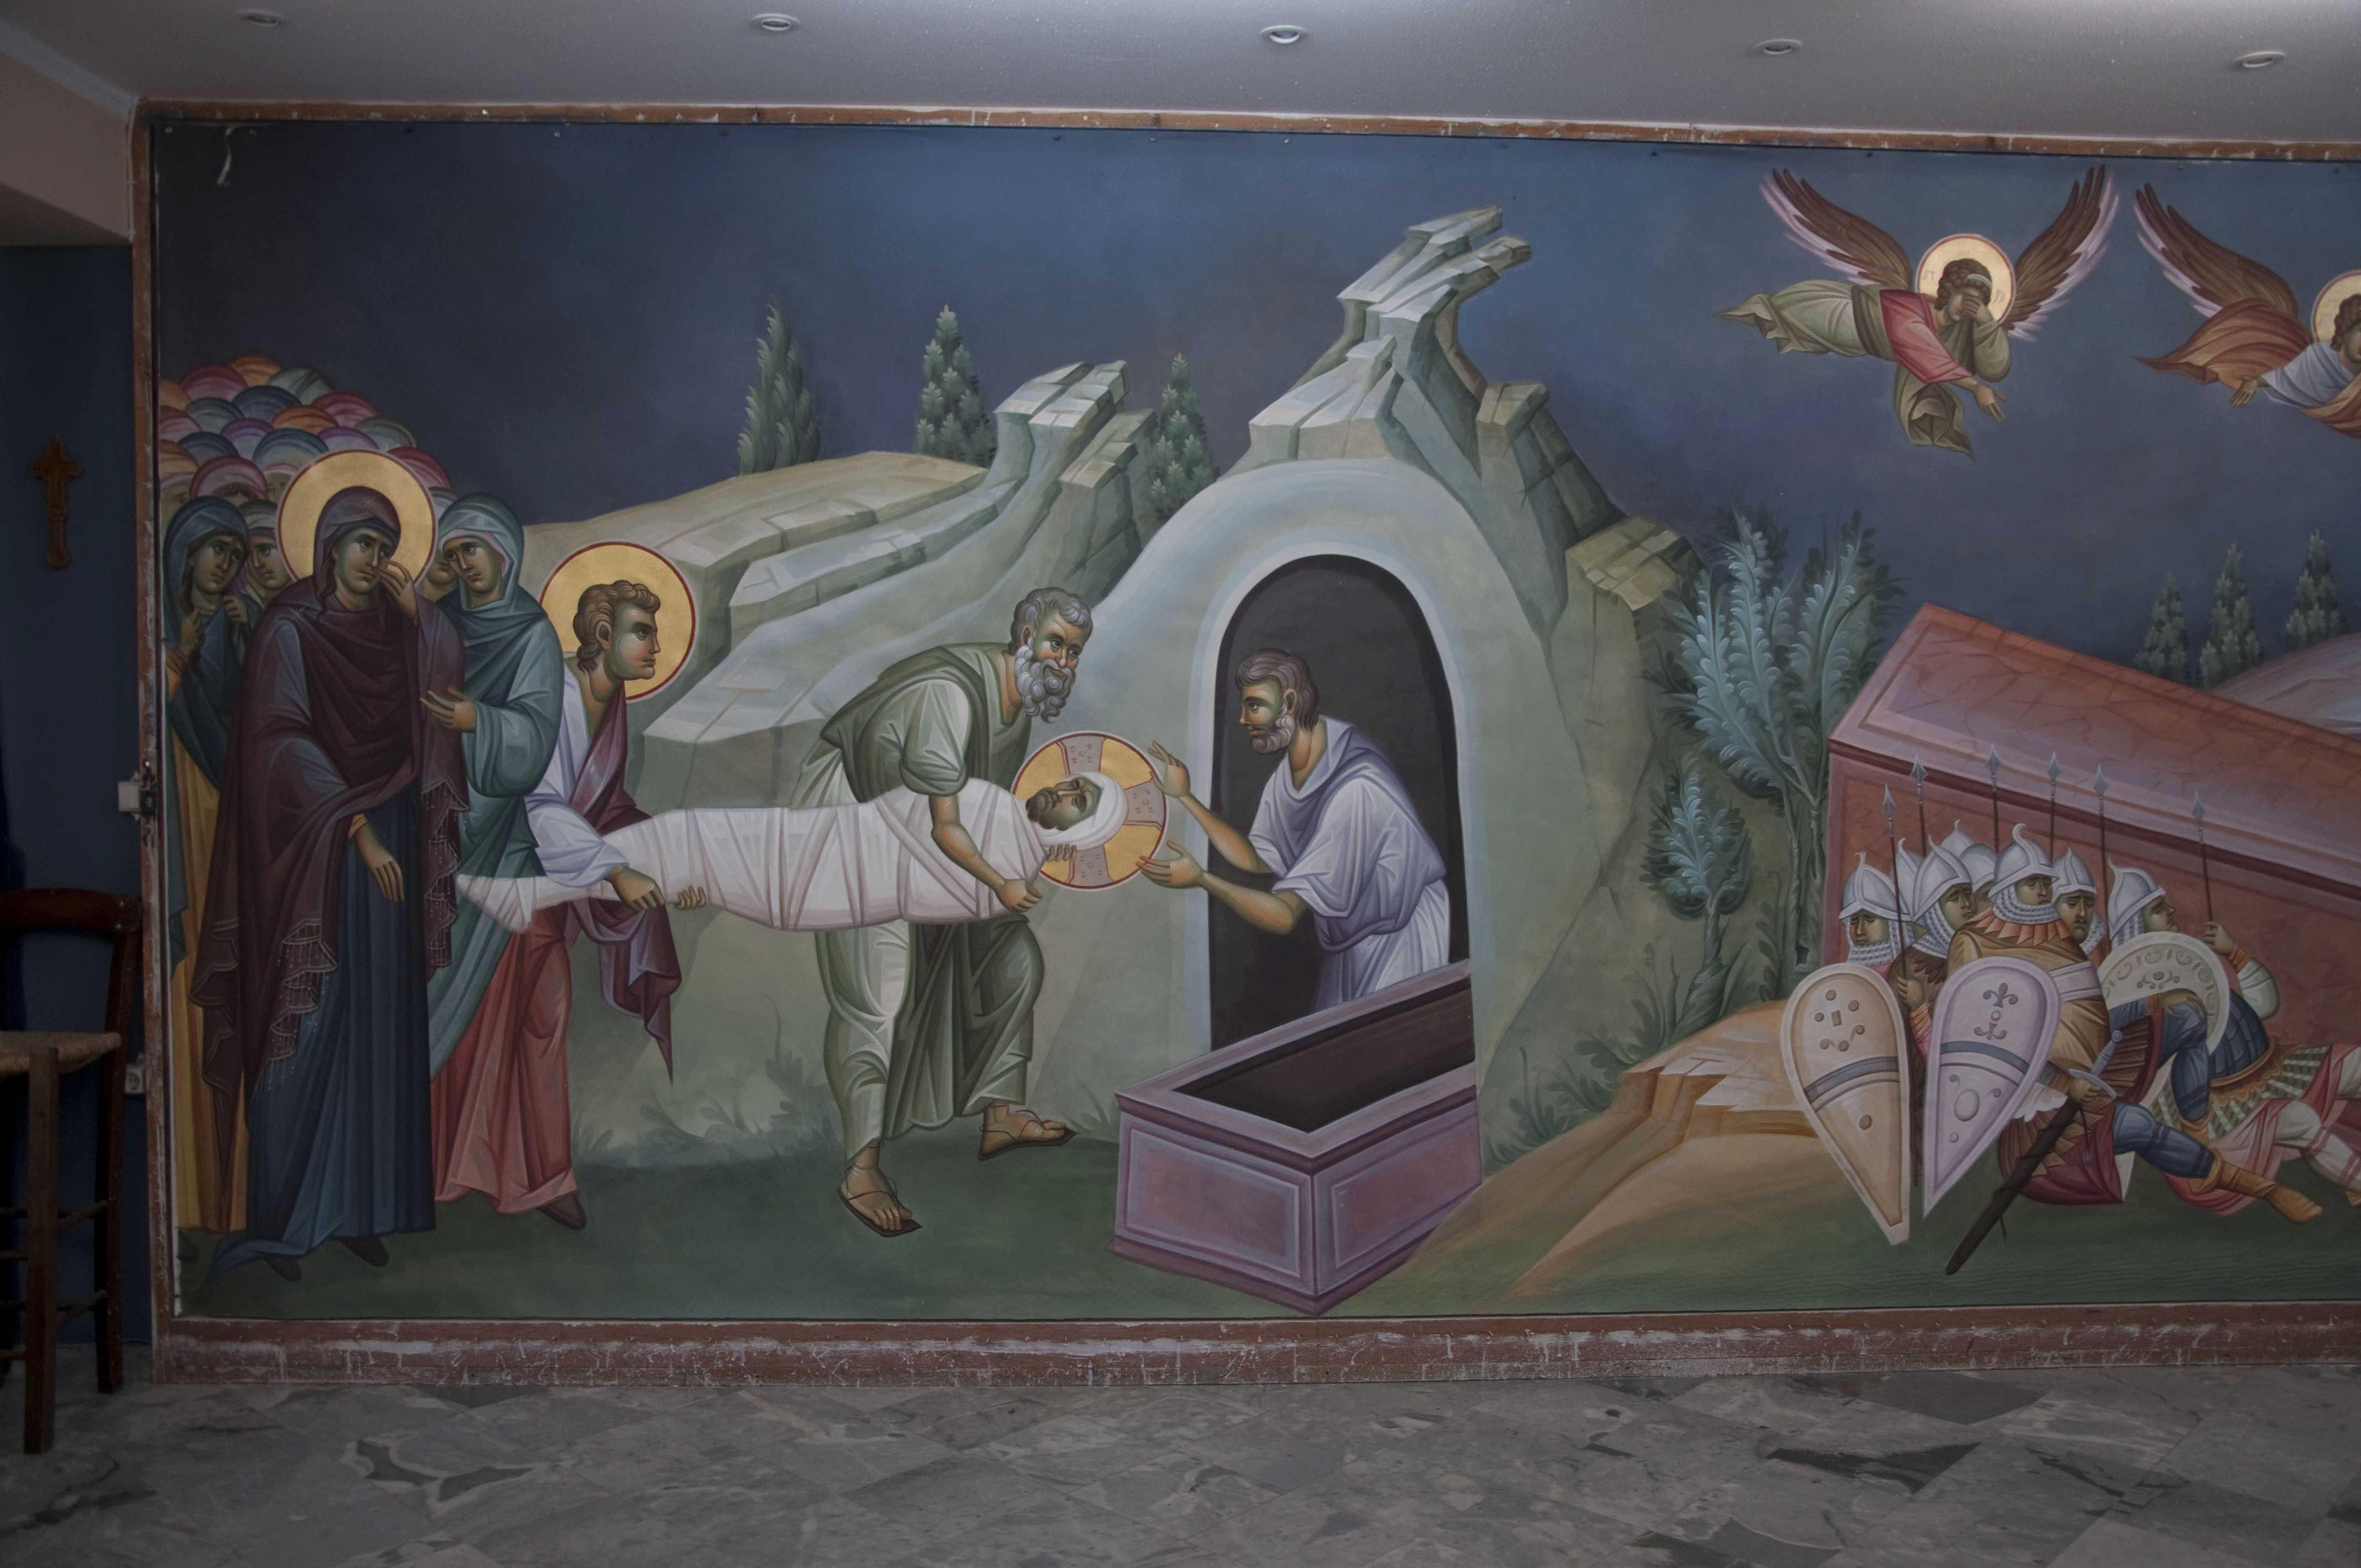 """DENIA SÂMBETEI MARI, PROHODUL DOMNULUI (video, audio, cântari psaltice) – Chipurile călăuzitoare ale rugăciunii: CRUCEA, ÎNGROPAREA ȘI MORMÂNTUL GOL: <i>""""Pe măsură ce rugăciunea creşte, inima se face părtaşă la TAINA DĂRUIRII DE SINE a lui Hristos</i>, devenind ea însăşi un MORMÂNT în care sălăşluieşte Domnul"""""""